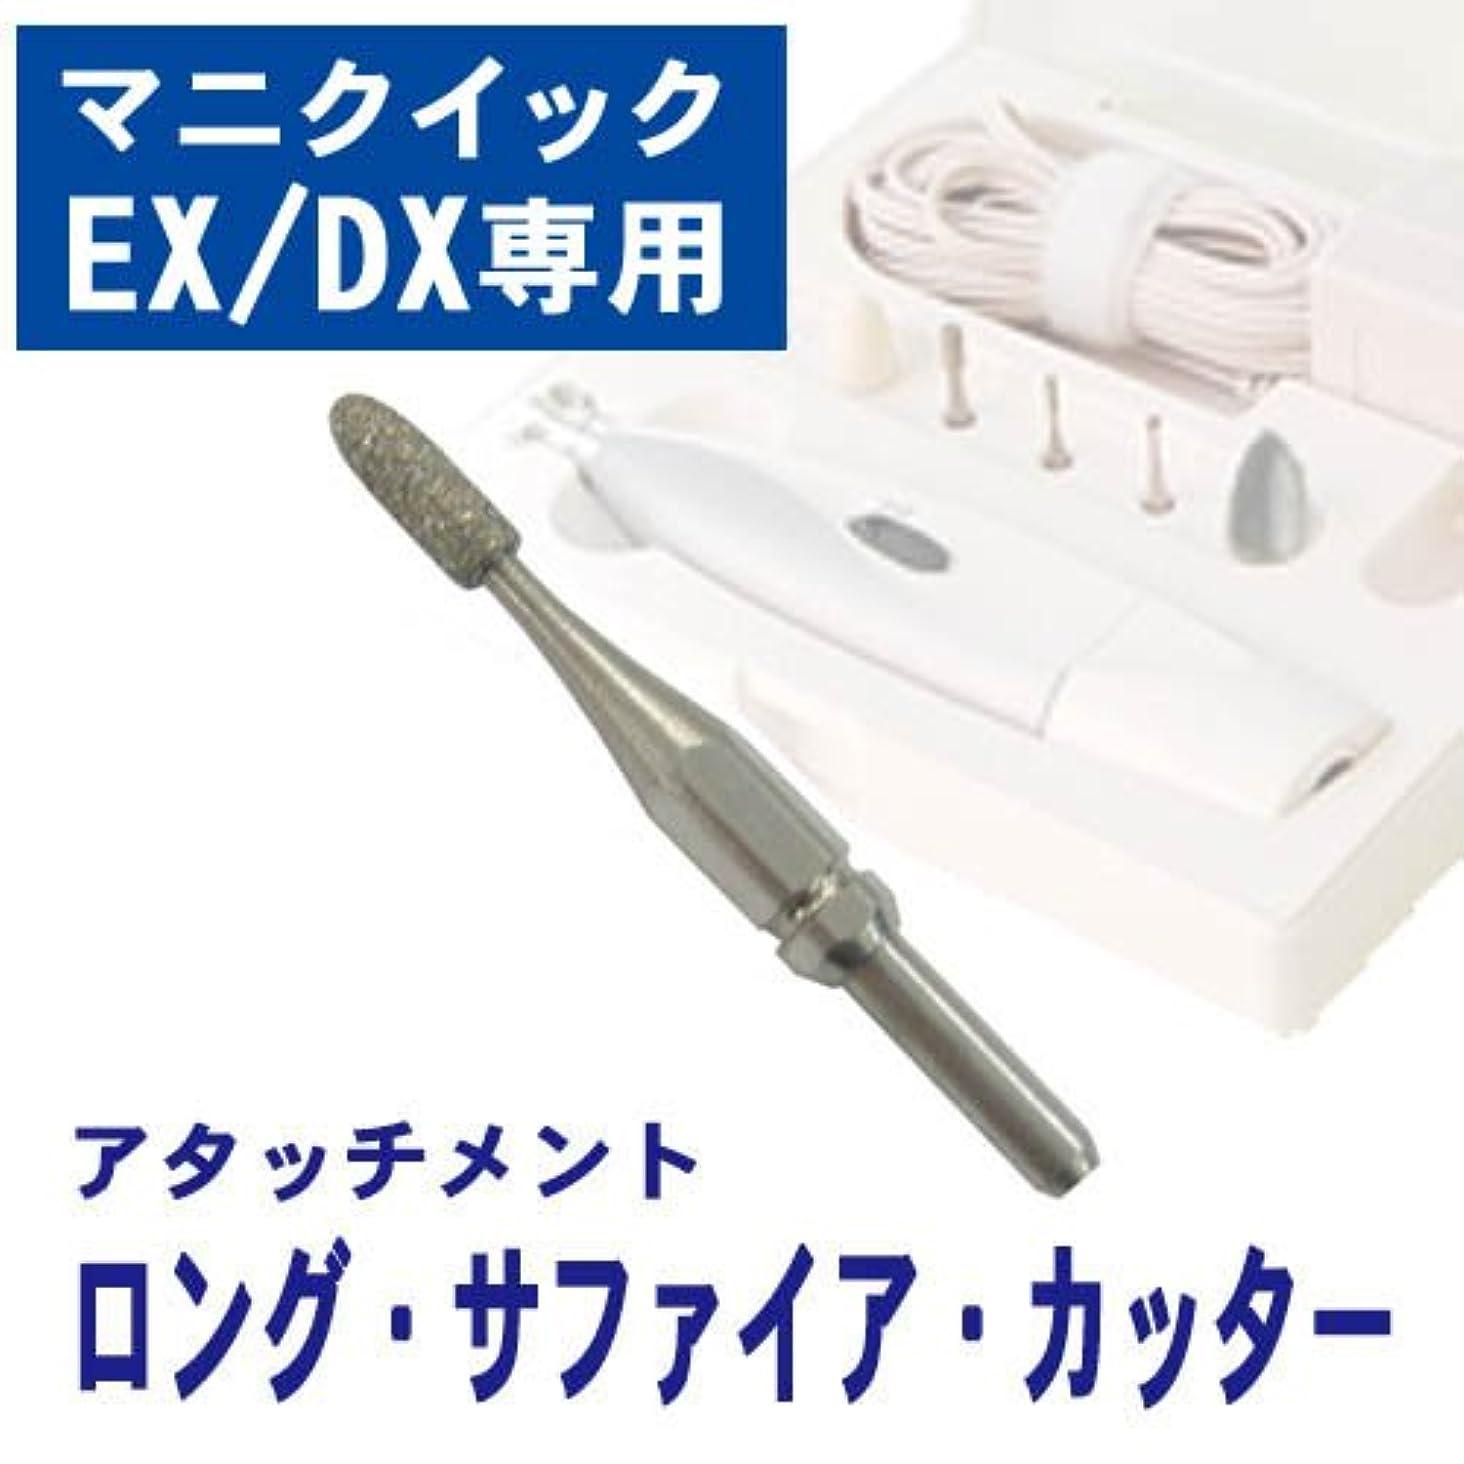 シンボル部屋を掃除するラッシュマニクイックEX/DX 専用アタッチメント ( ロング?サファイア?カッター )